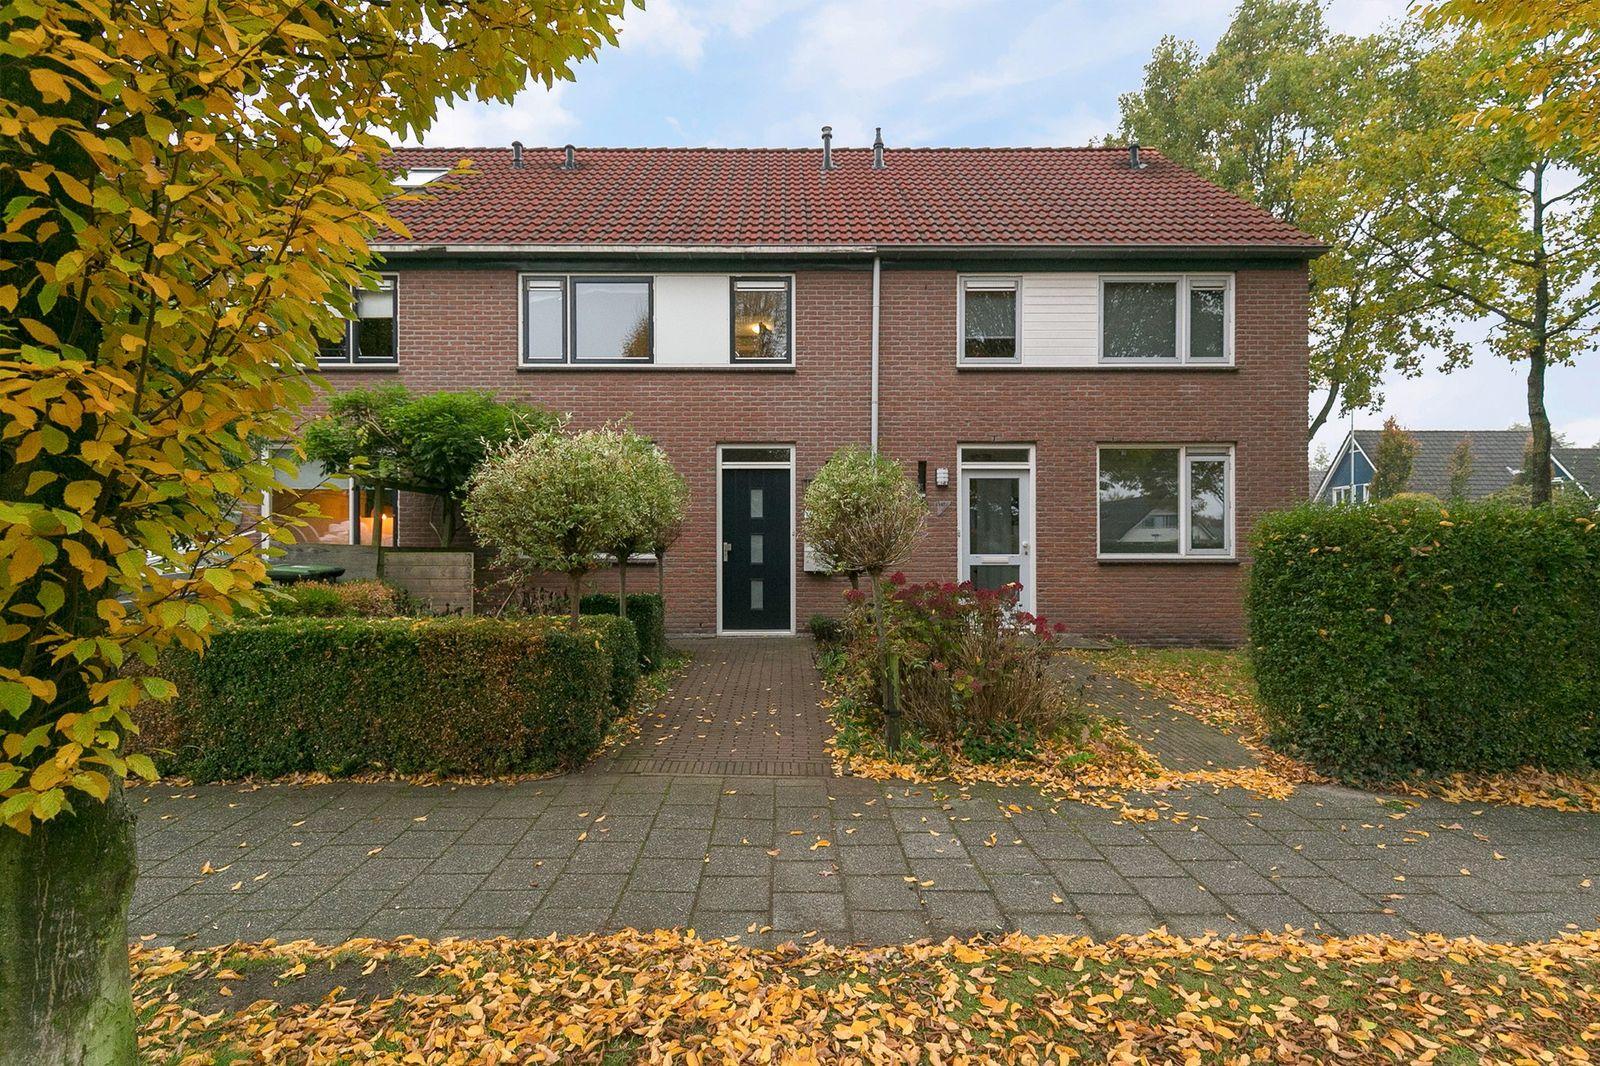 Boerhoorndreef 145, Assen